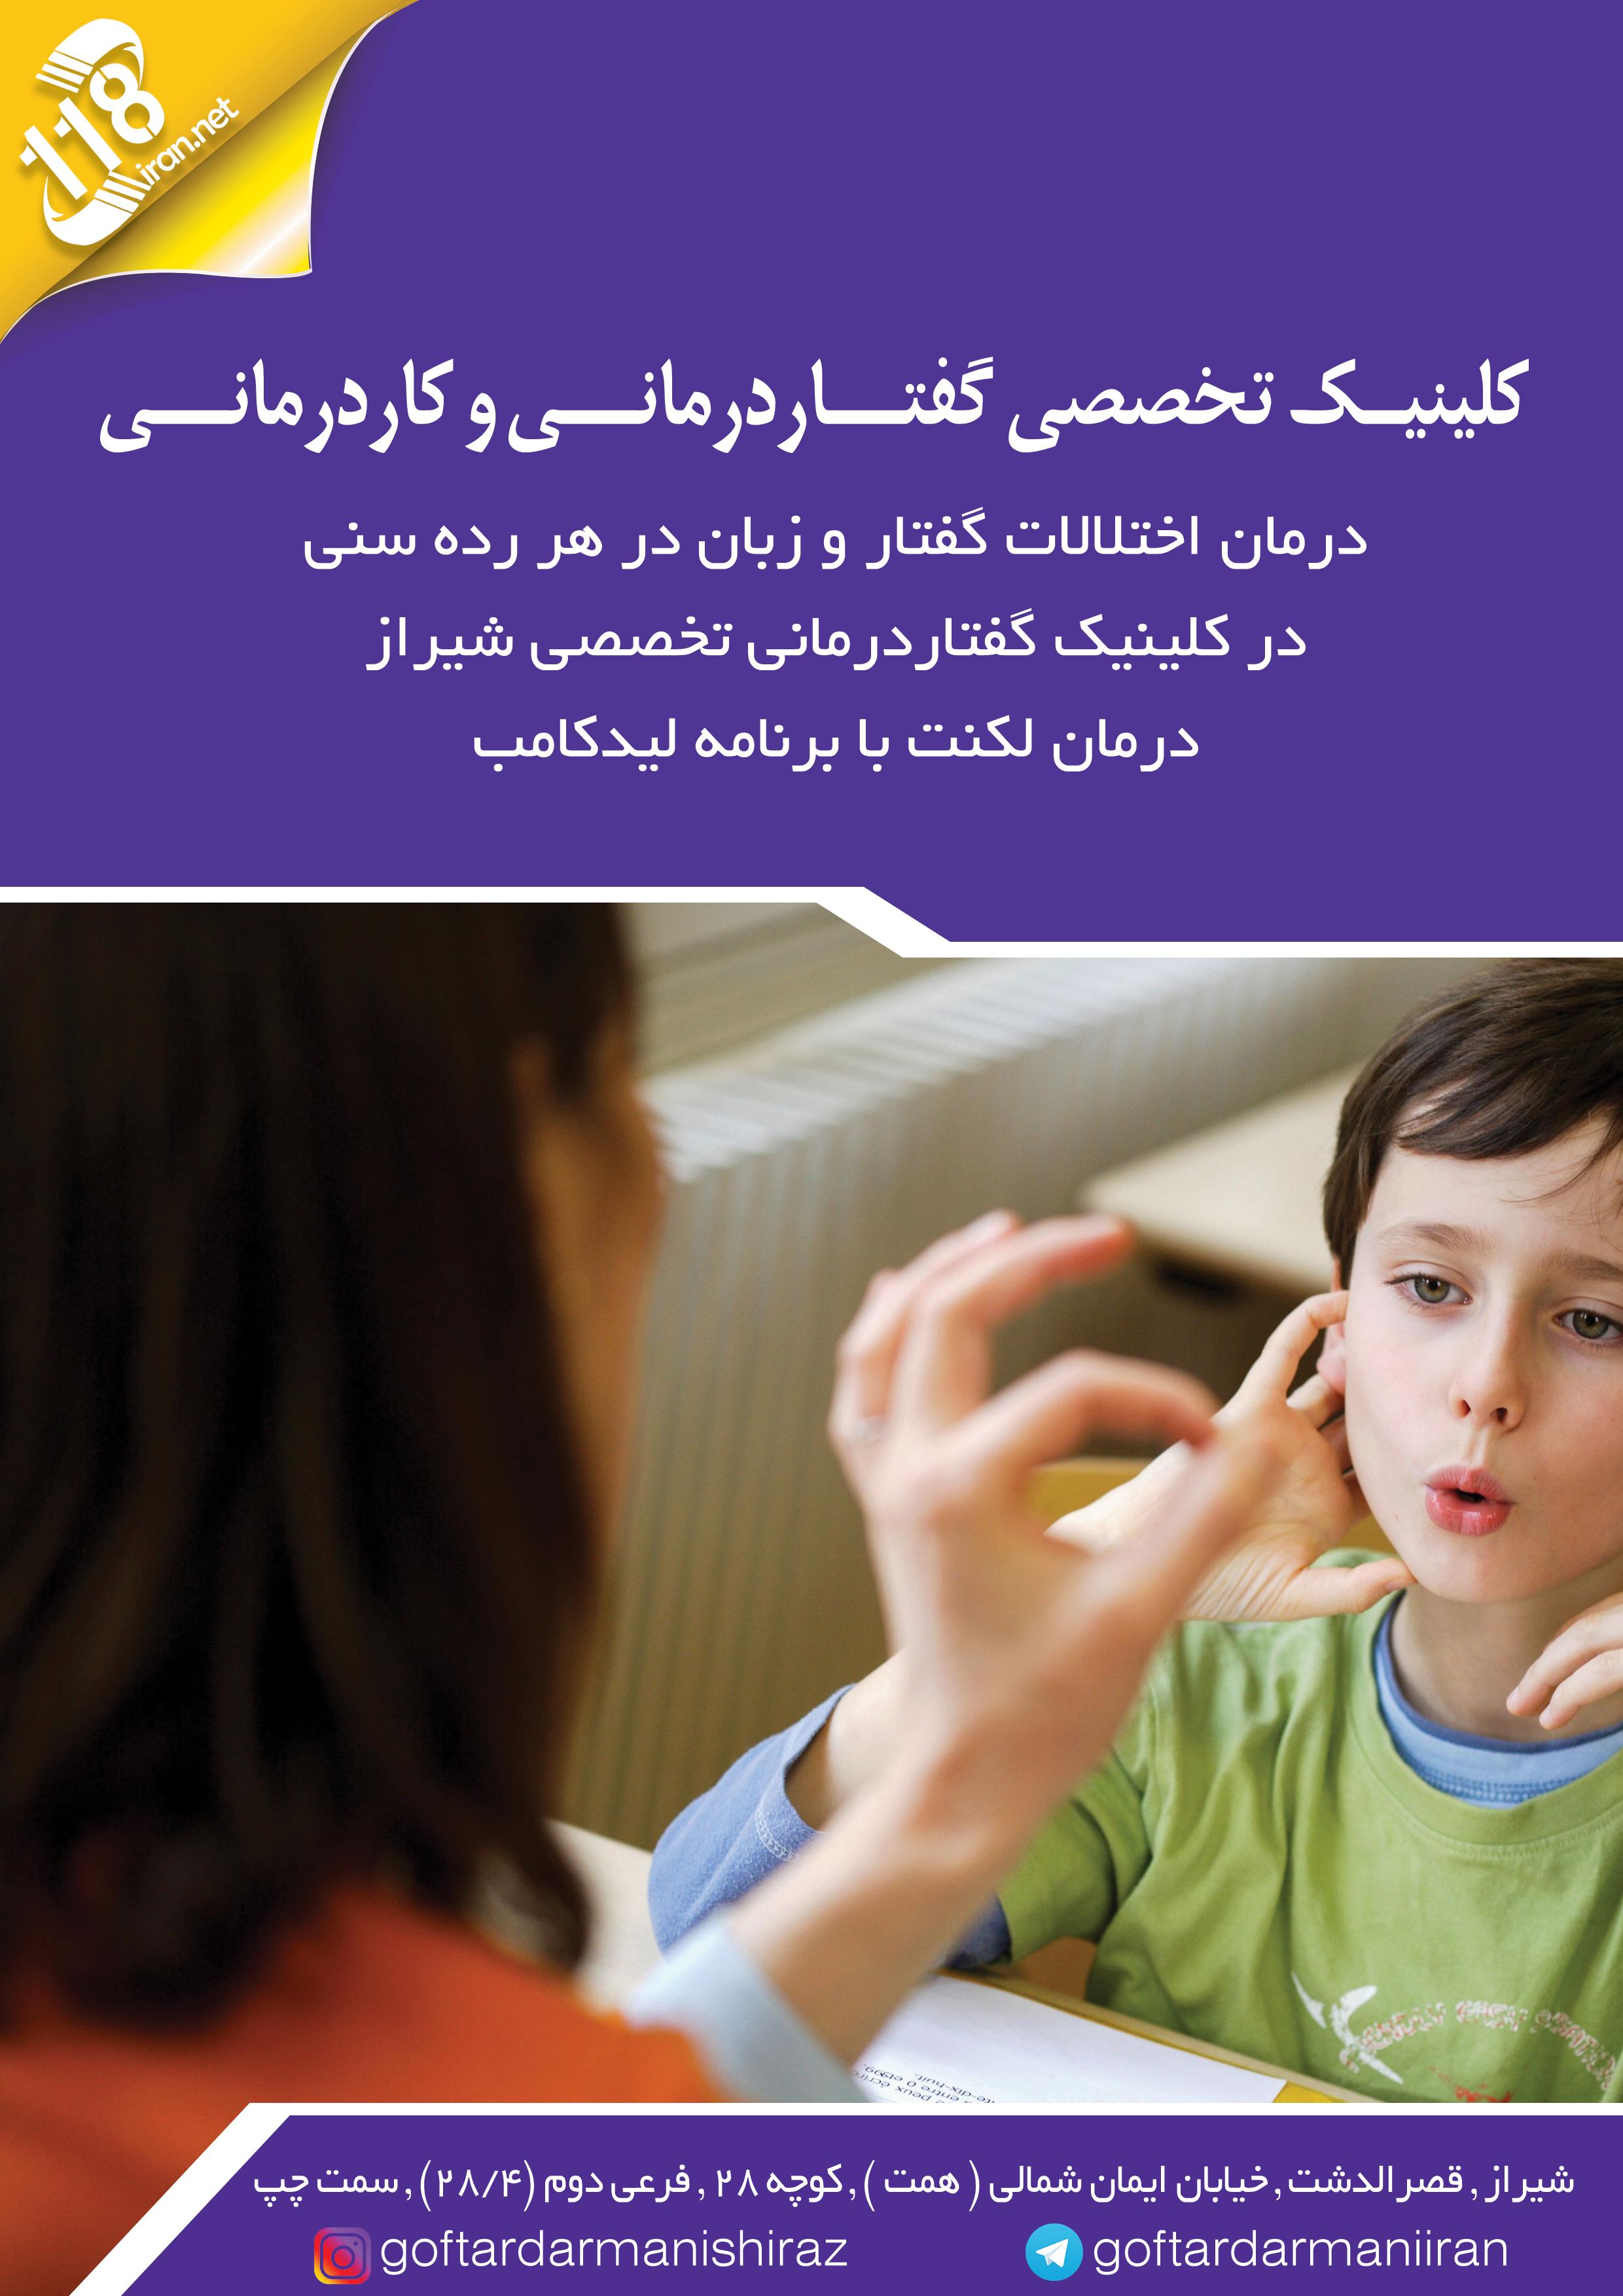 کلینیک تخصصی گفتاردرمانی و کاردرمانی در شیراز